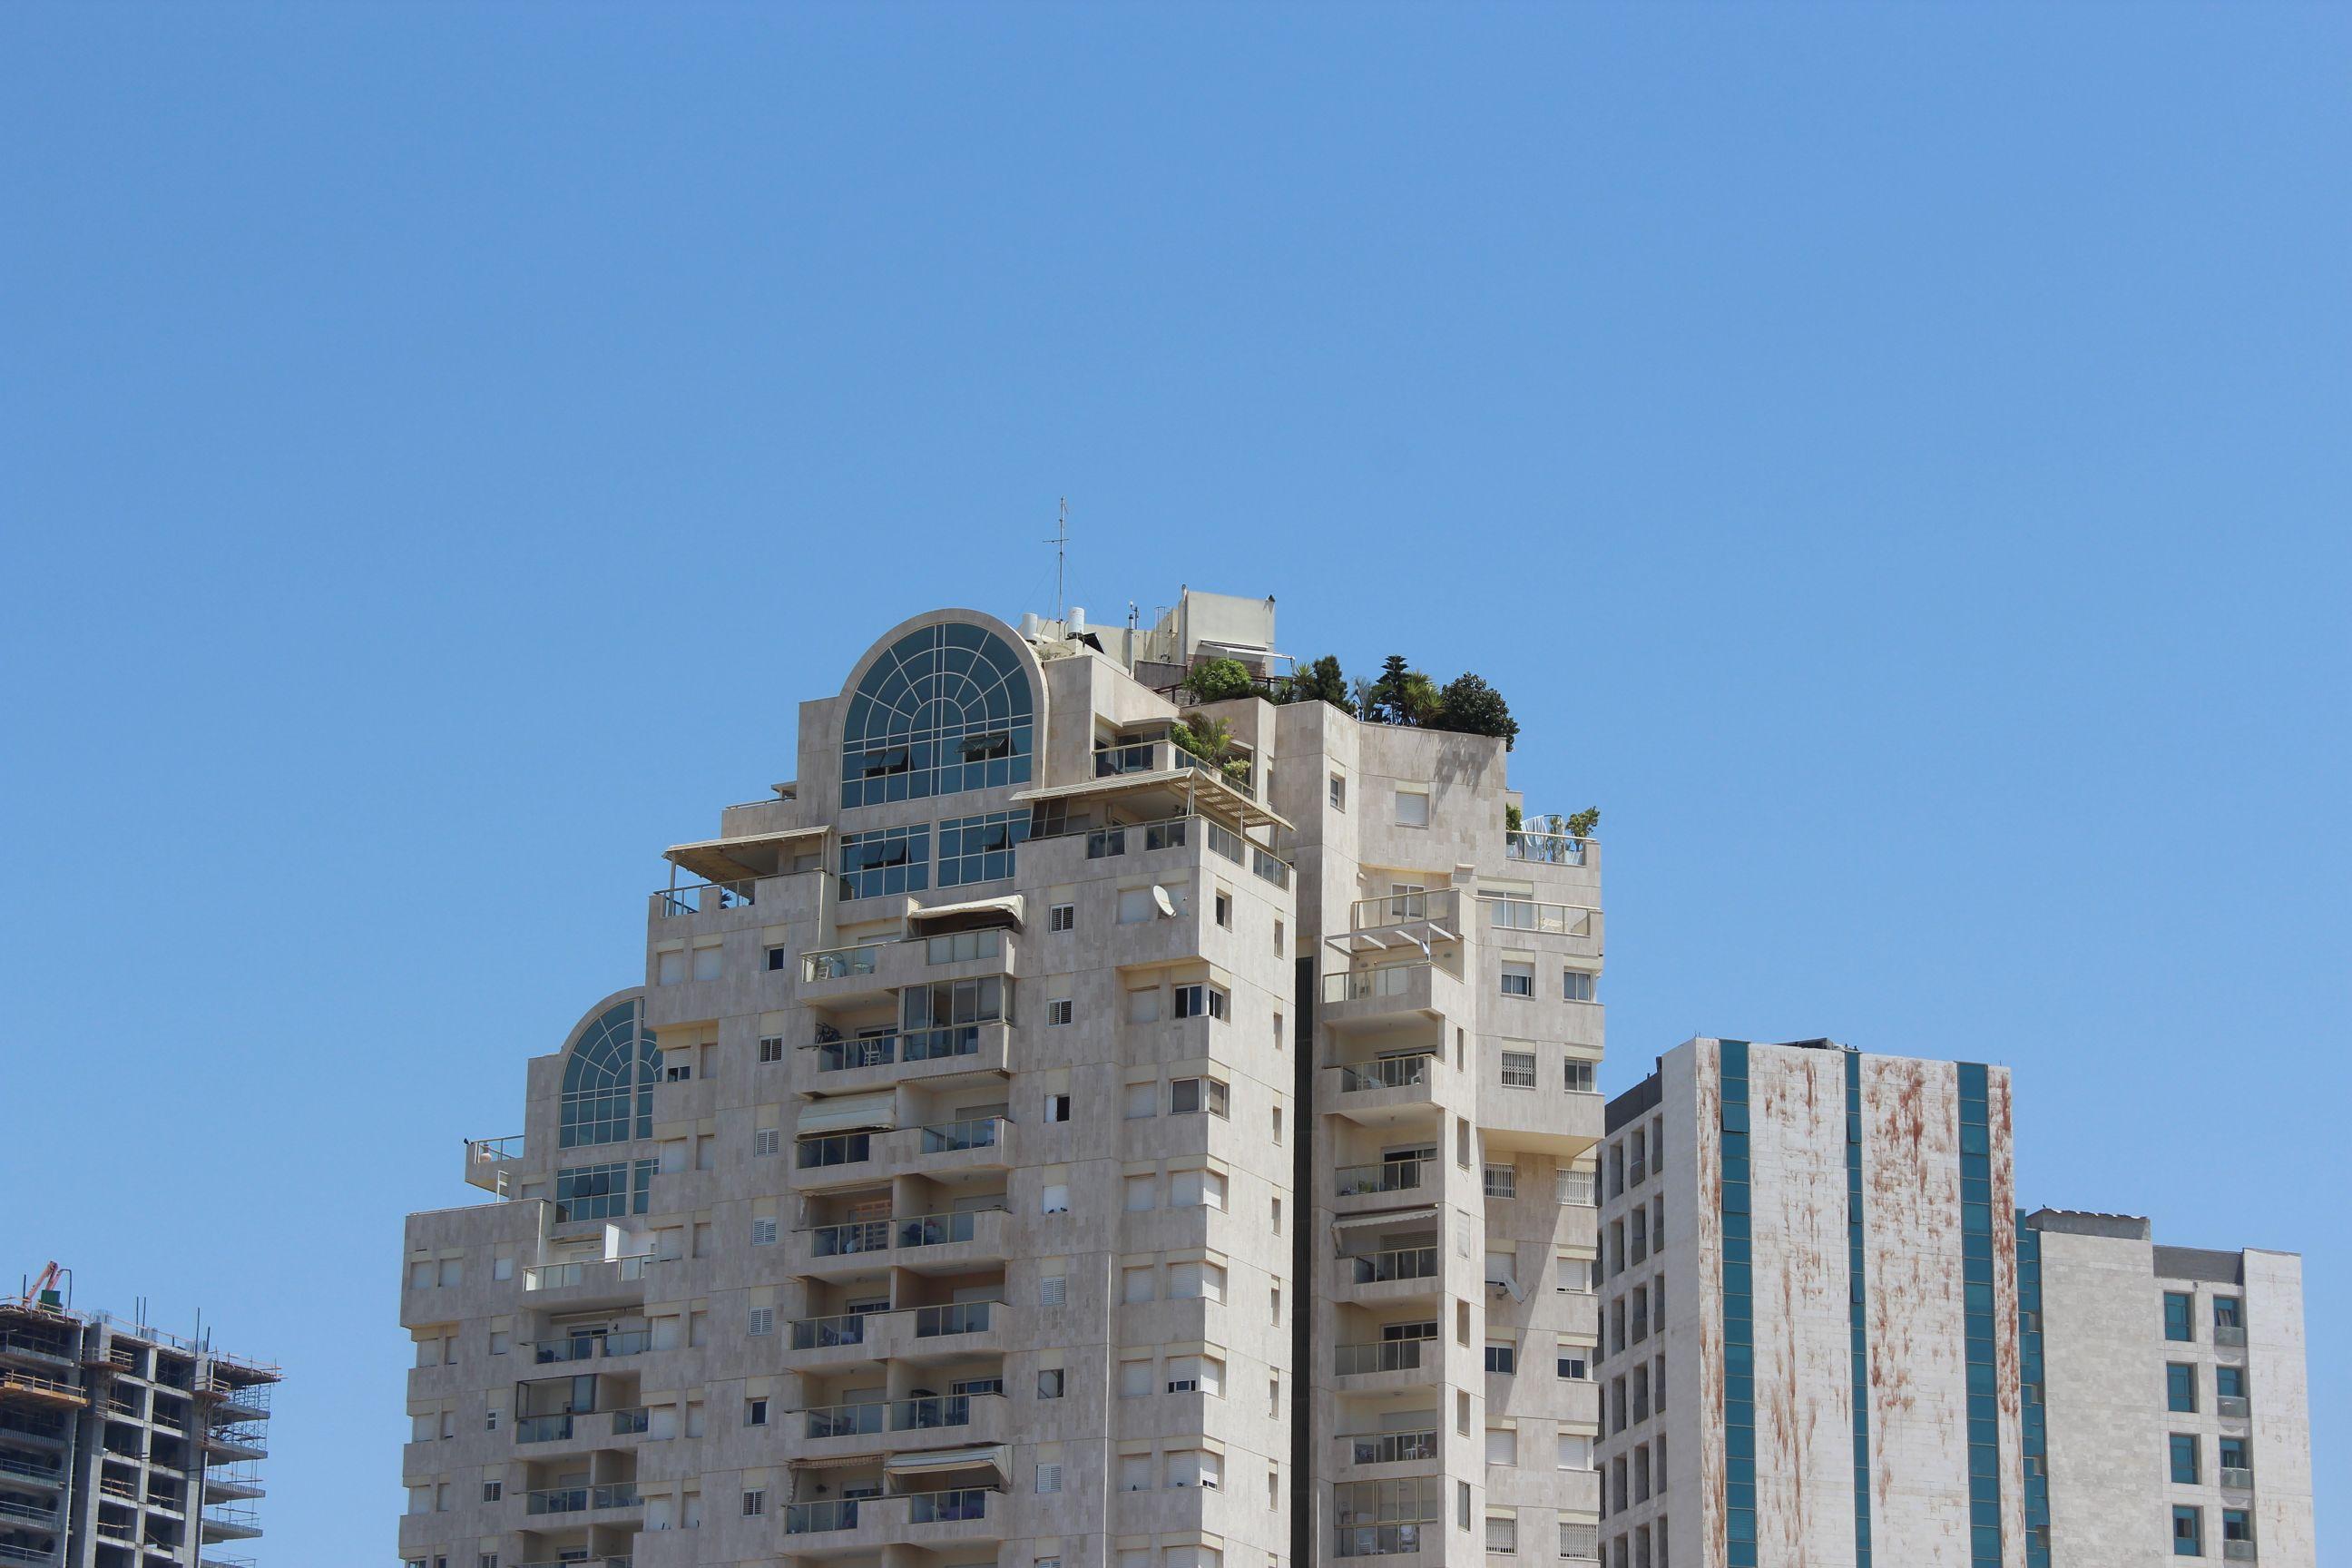 פרגולות אלומיניום - פרגולות לדירות גג - פרגולה - דירות גג